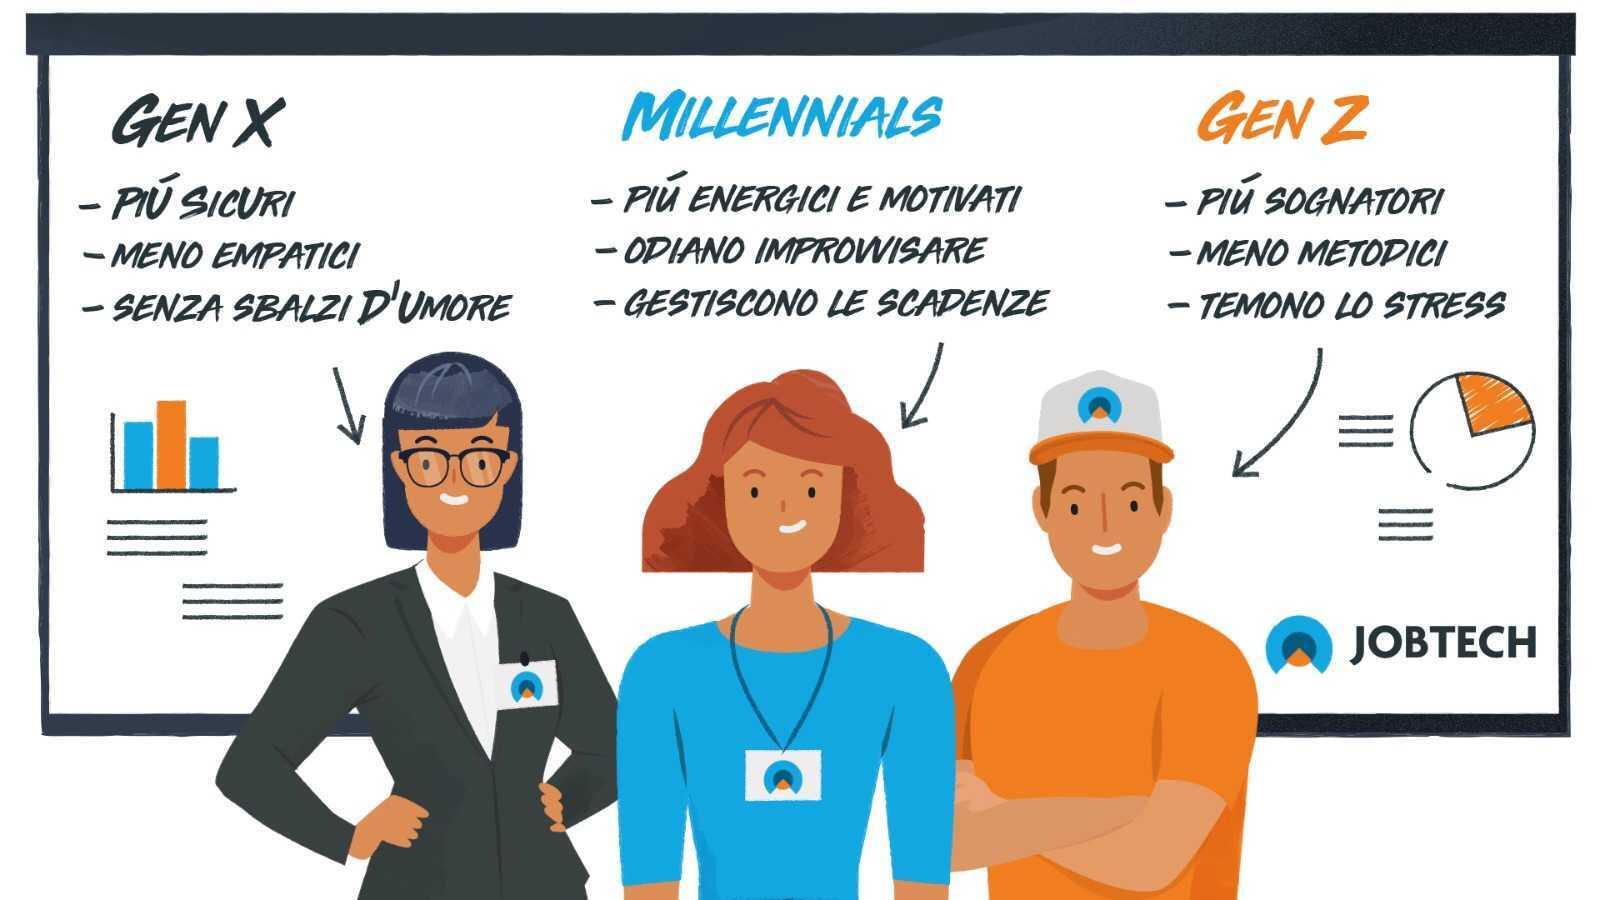 lavoro-generazione-Z